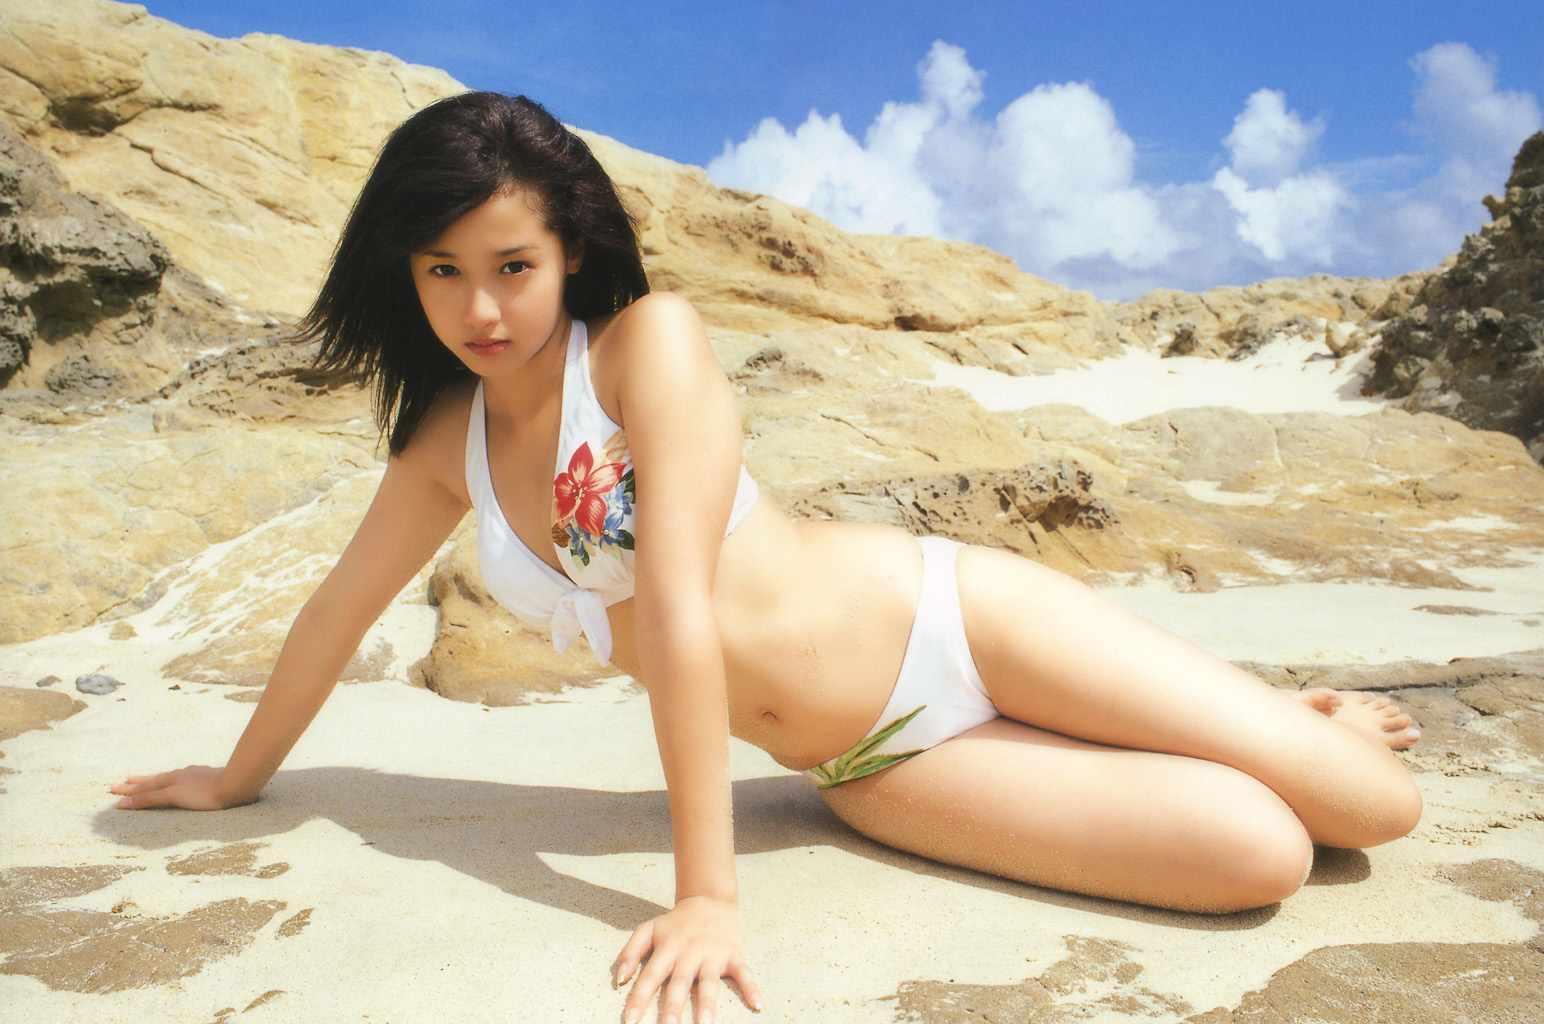 6erika_sawajiri_014015